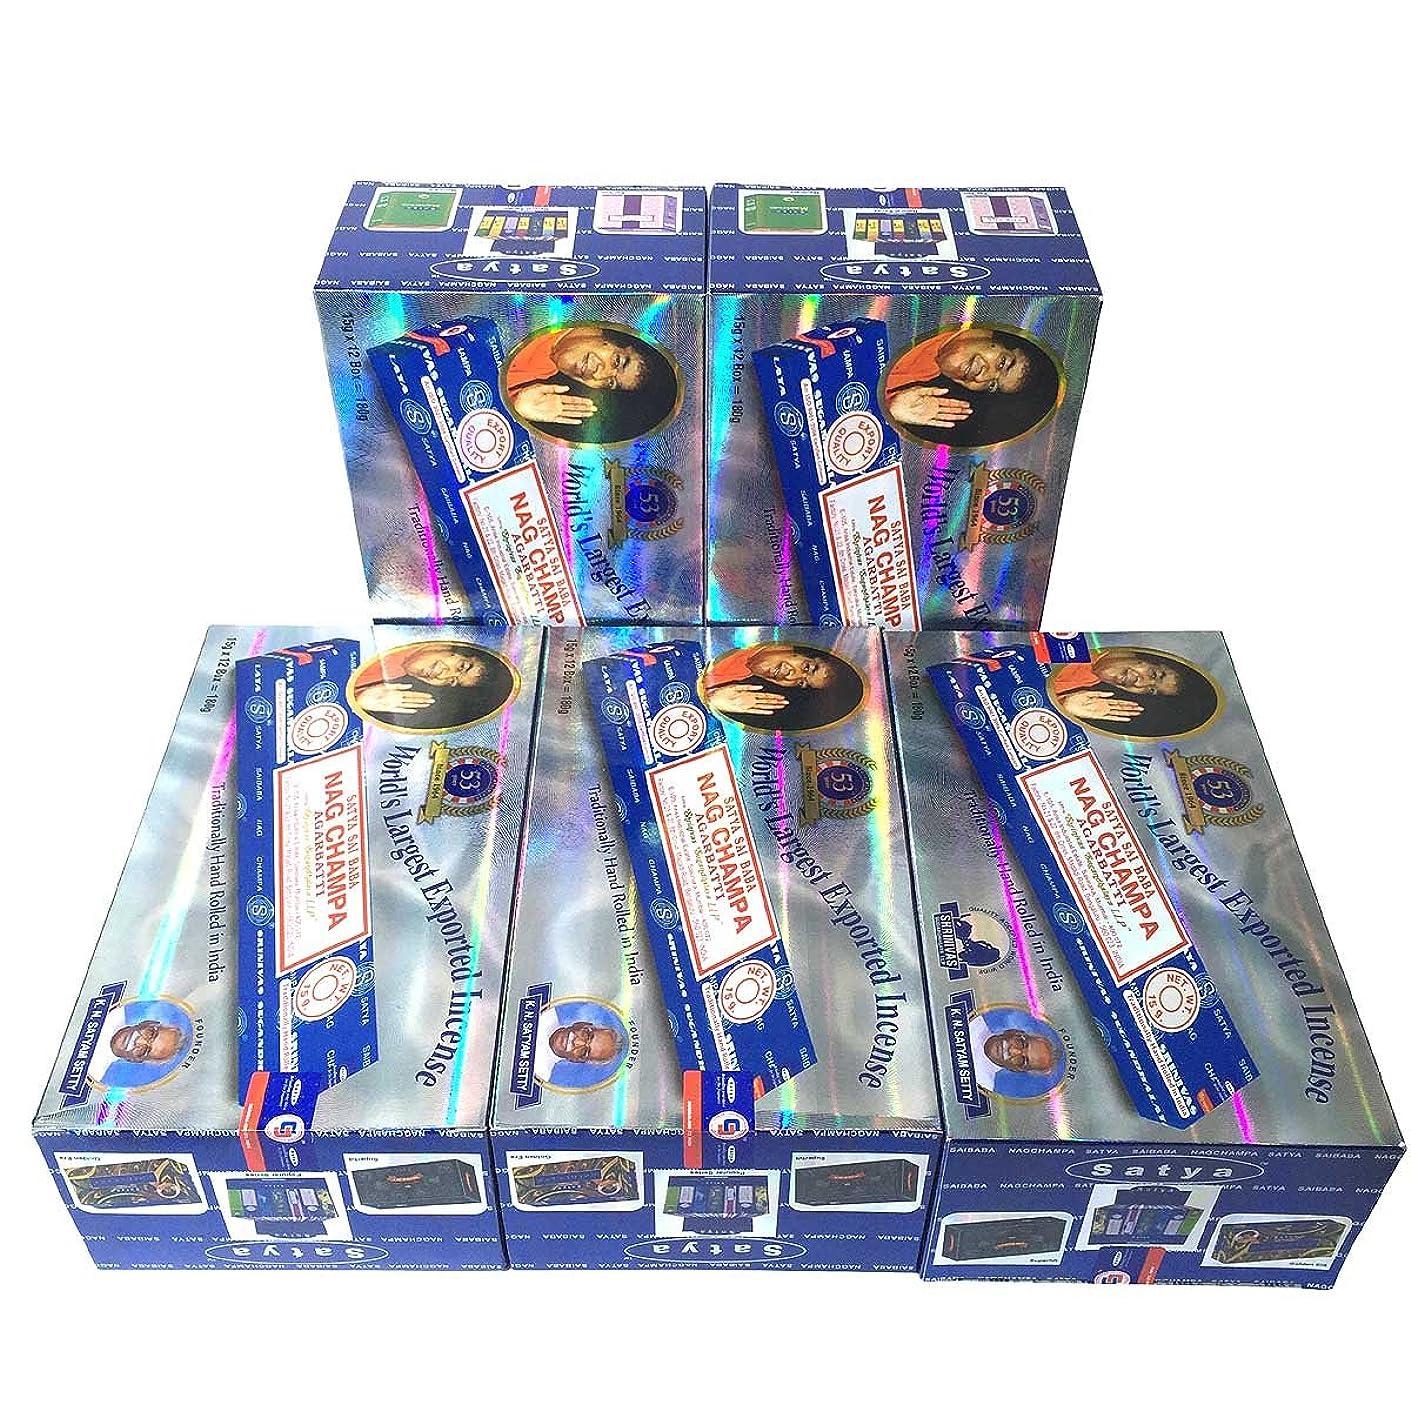 テレビ局帽子のためにサイババ ナグチャンパ香スティック 5BOX(30箱)/SATYA SAI BABA NAG CHAMPA/インド香 / 送料無料 [並行輸入品]